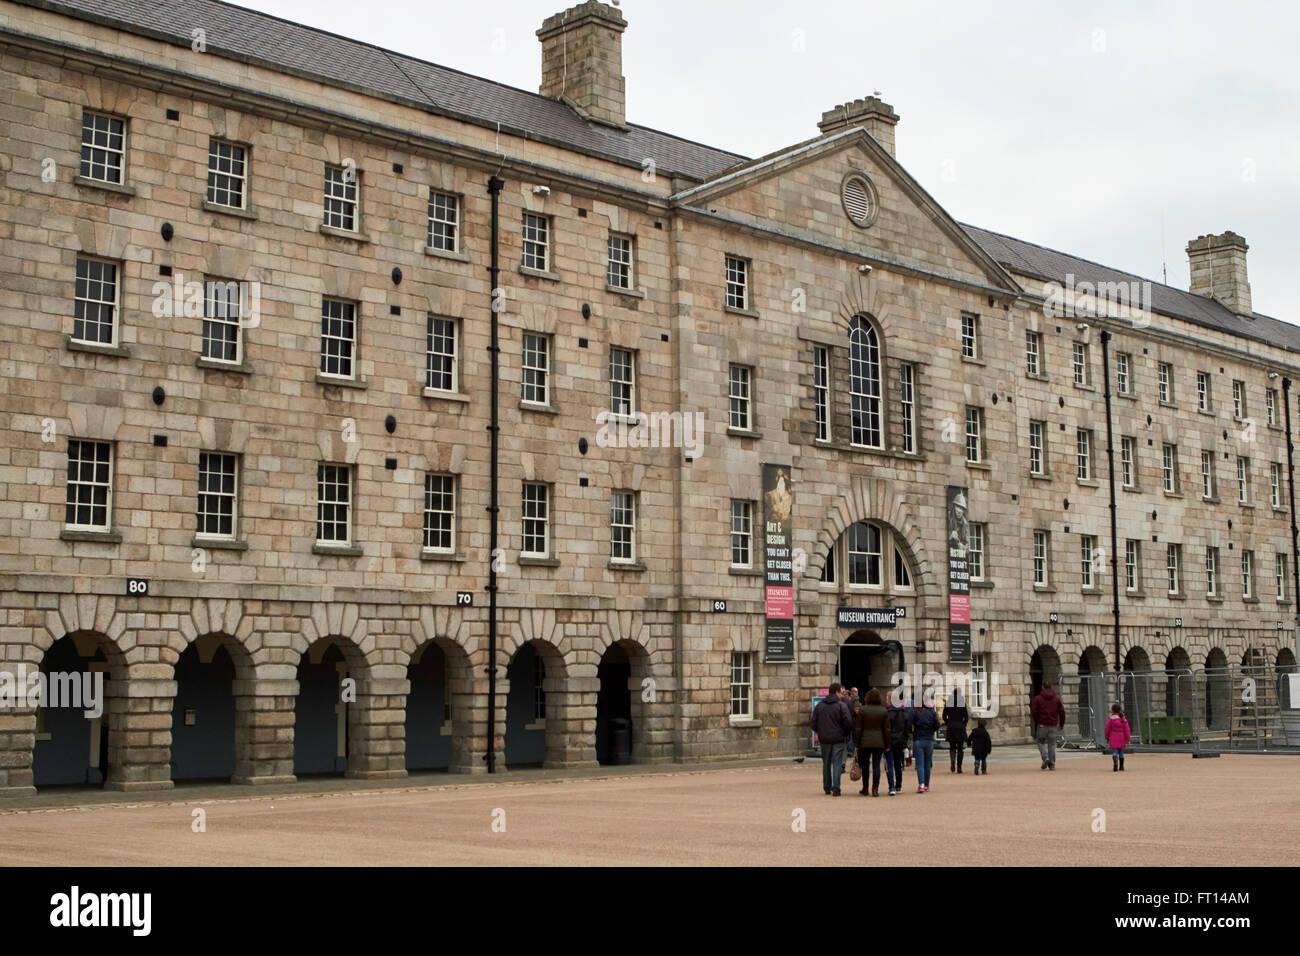 Arti decorative e storia museo nazionale dell'Irlanda nella vecchia caserma Collins Dublino Irlanda ex guarnigione Immagini Stock